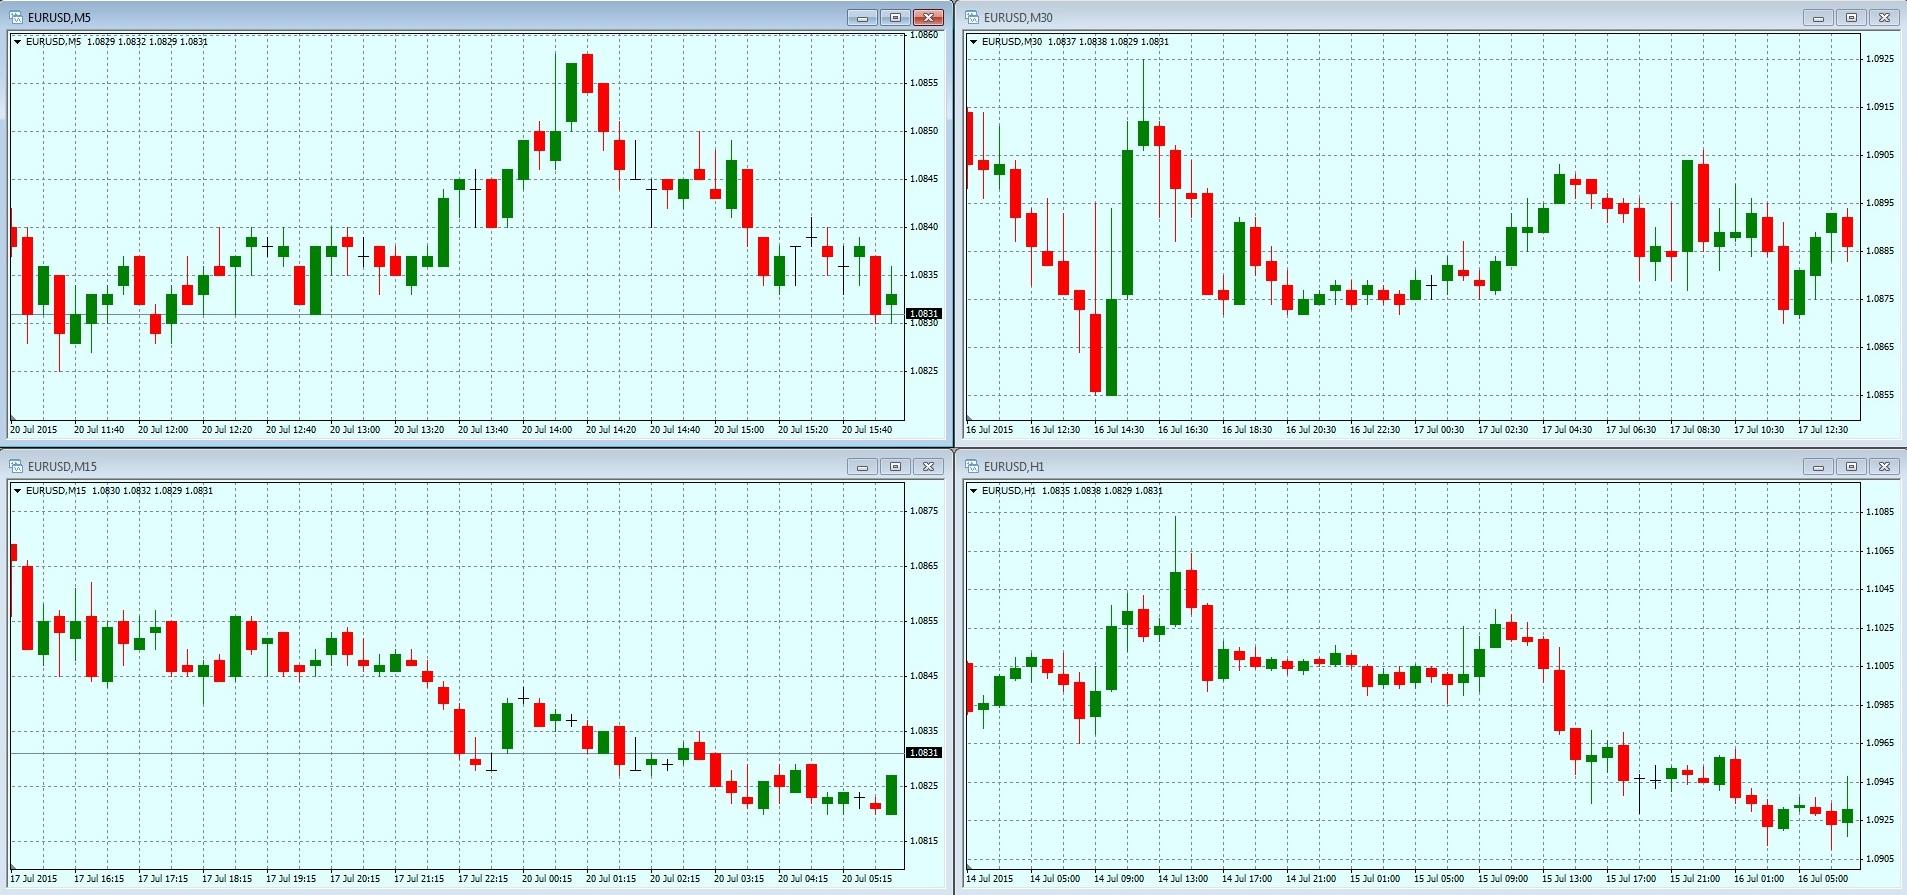 Все графики форекс в одном окне евросоюз и еврозона в чем разница